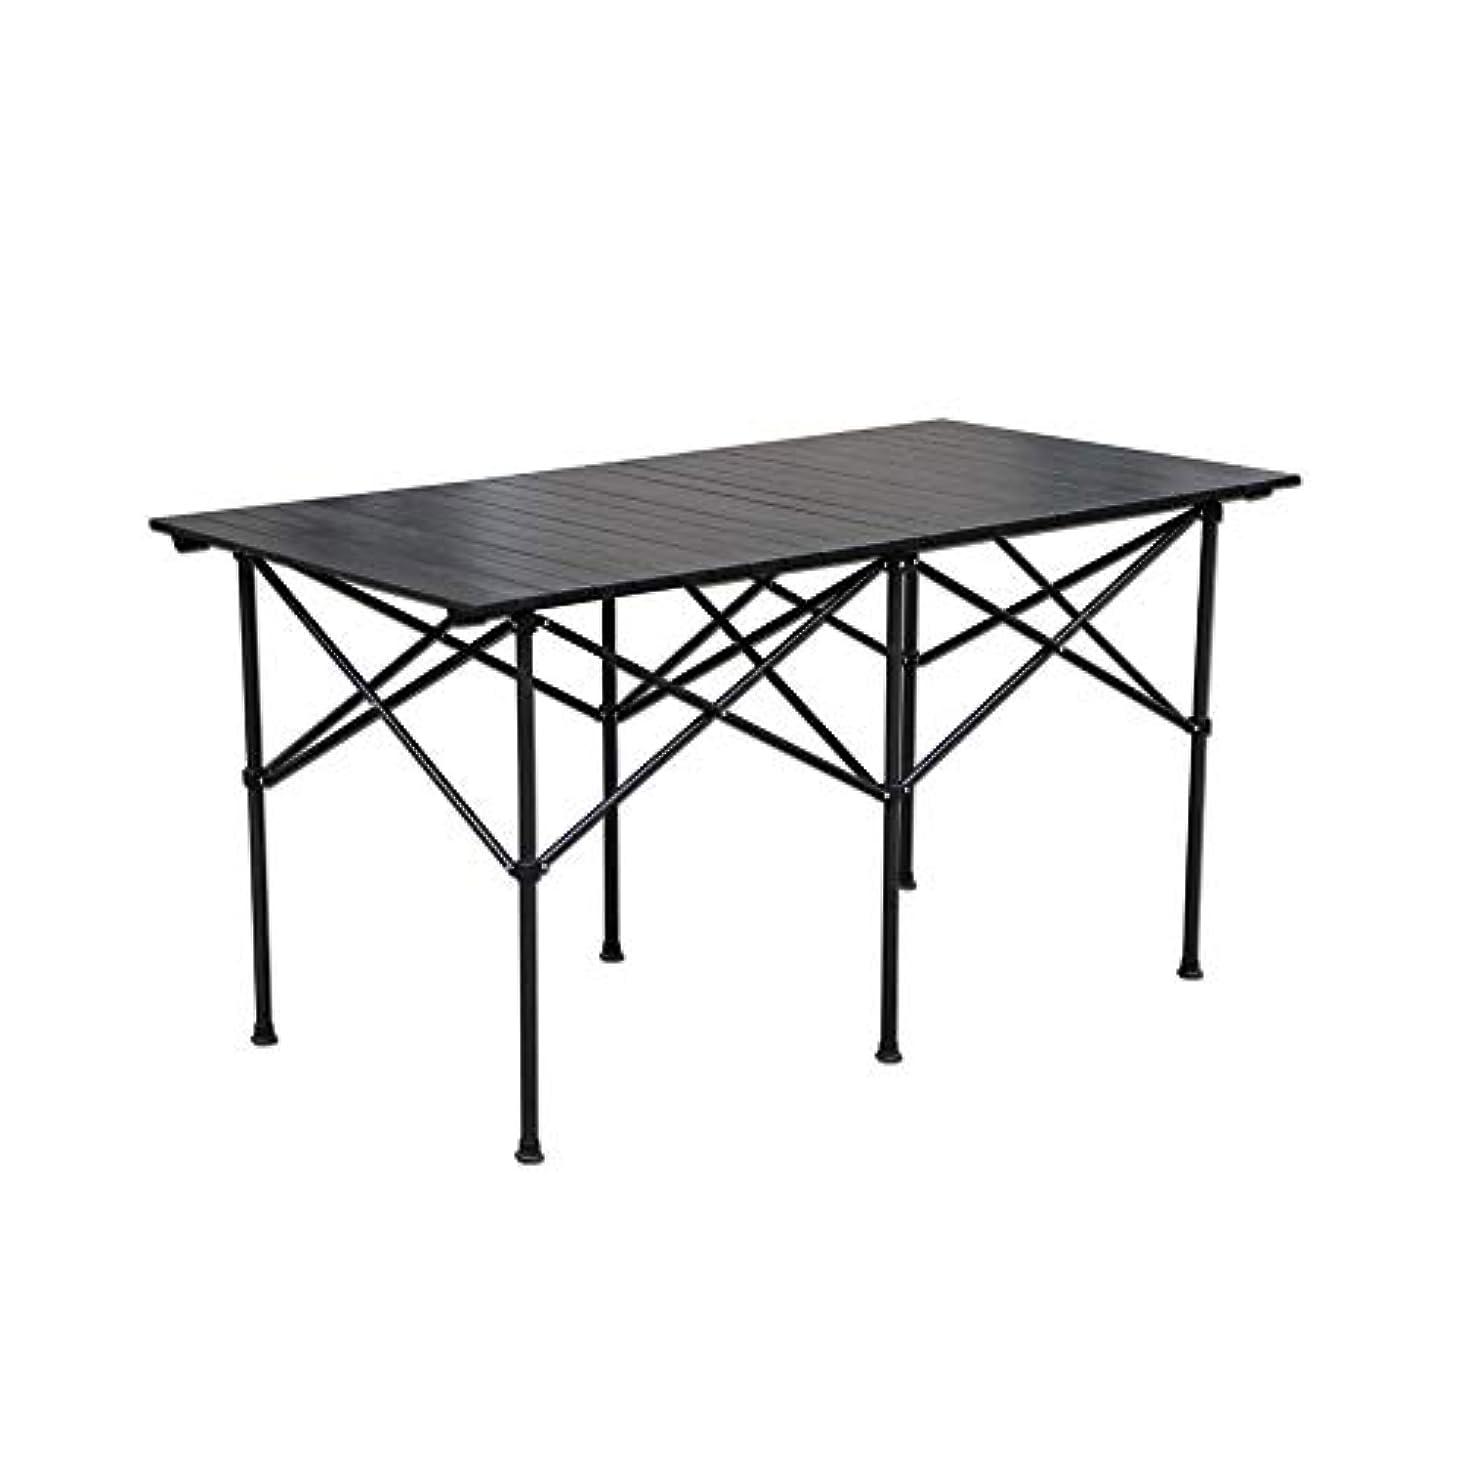 不明瞭持ってる絶妙LJHA zhuozi 折りたたみ式テーブル、折りたたみ式テーブルポータブル屋外折りたたみ式テーブル失速テーブルアルミ合金シンプル